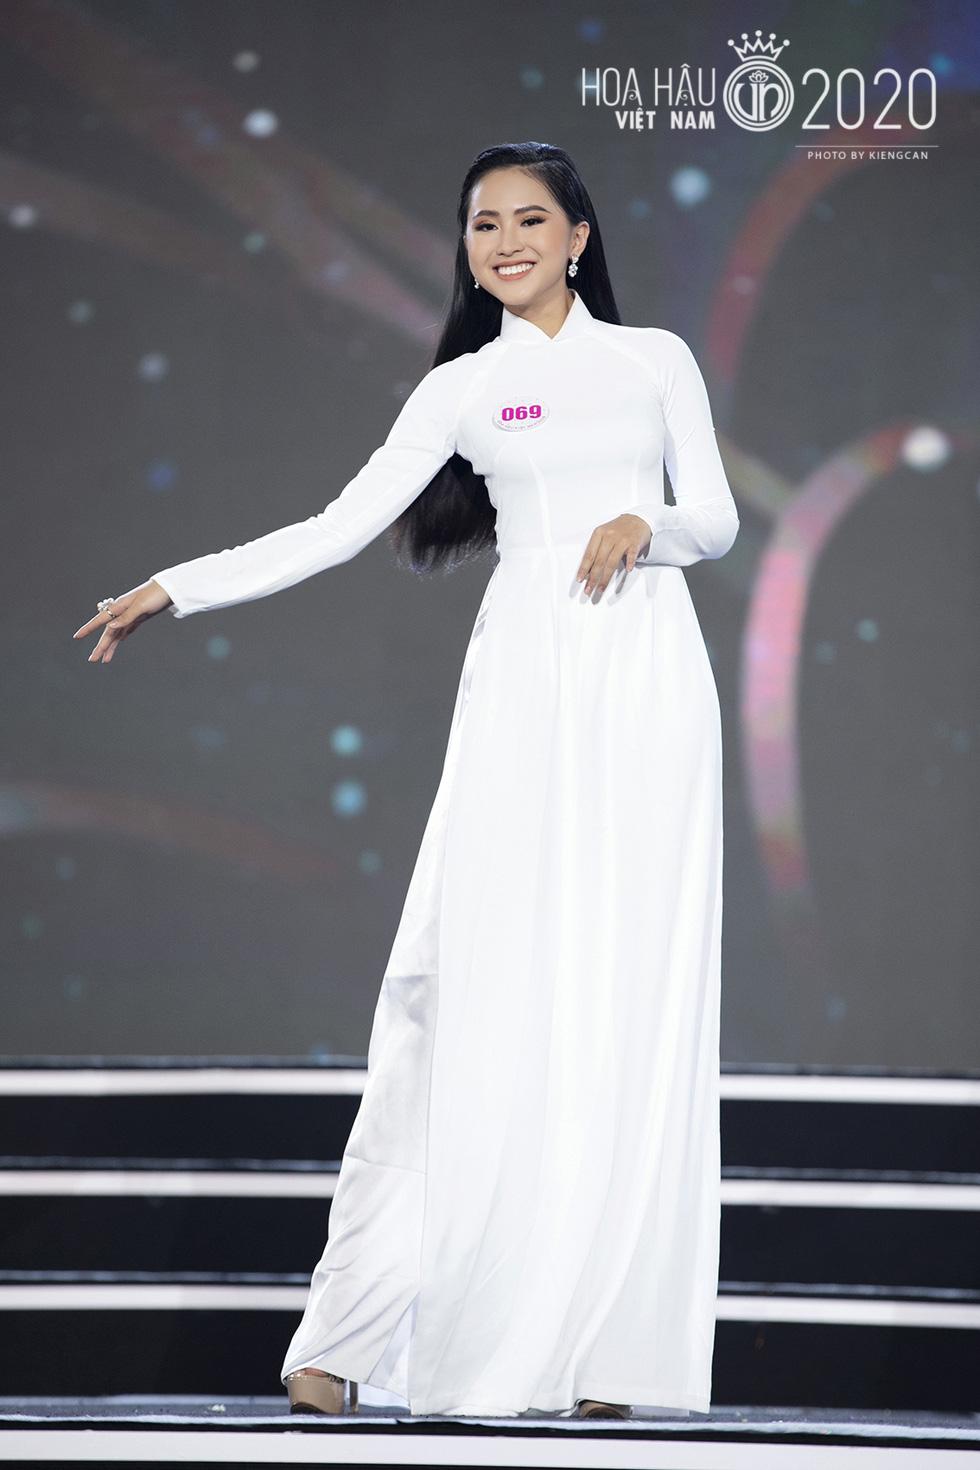 35 gương mặt sáng giá, ai sẽ là Hoa hậu Việt Nam trong đêm chung kết 21-11? - Ảnh 3.